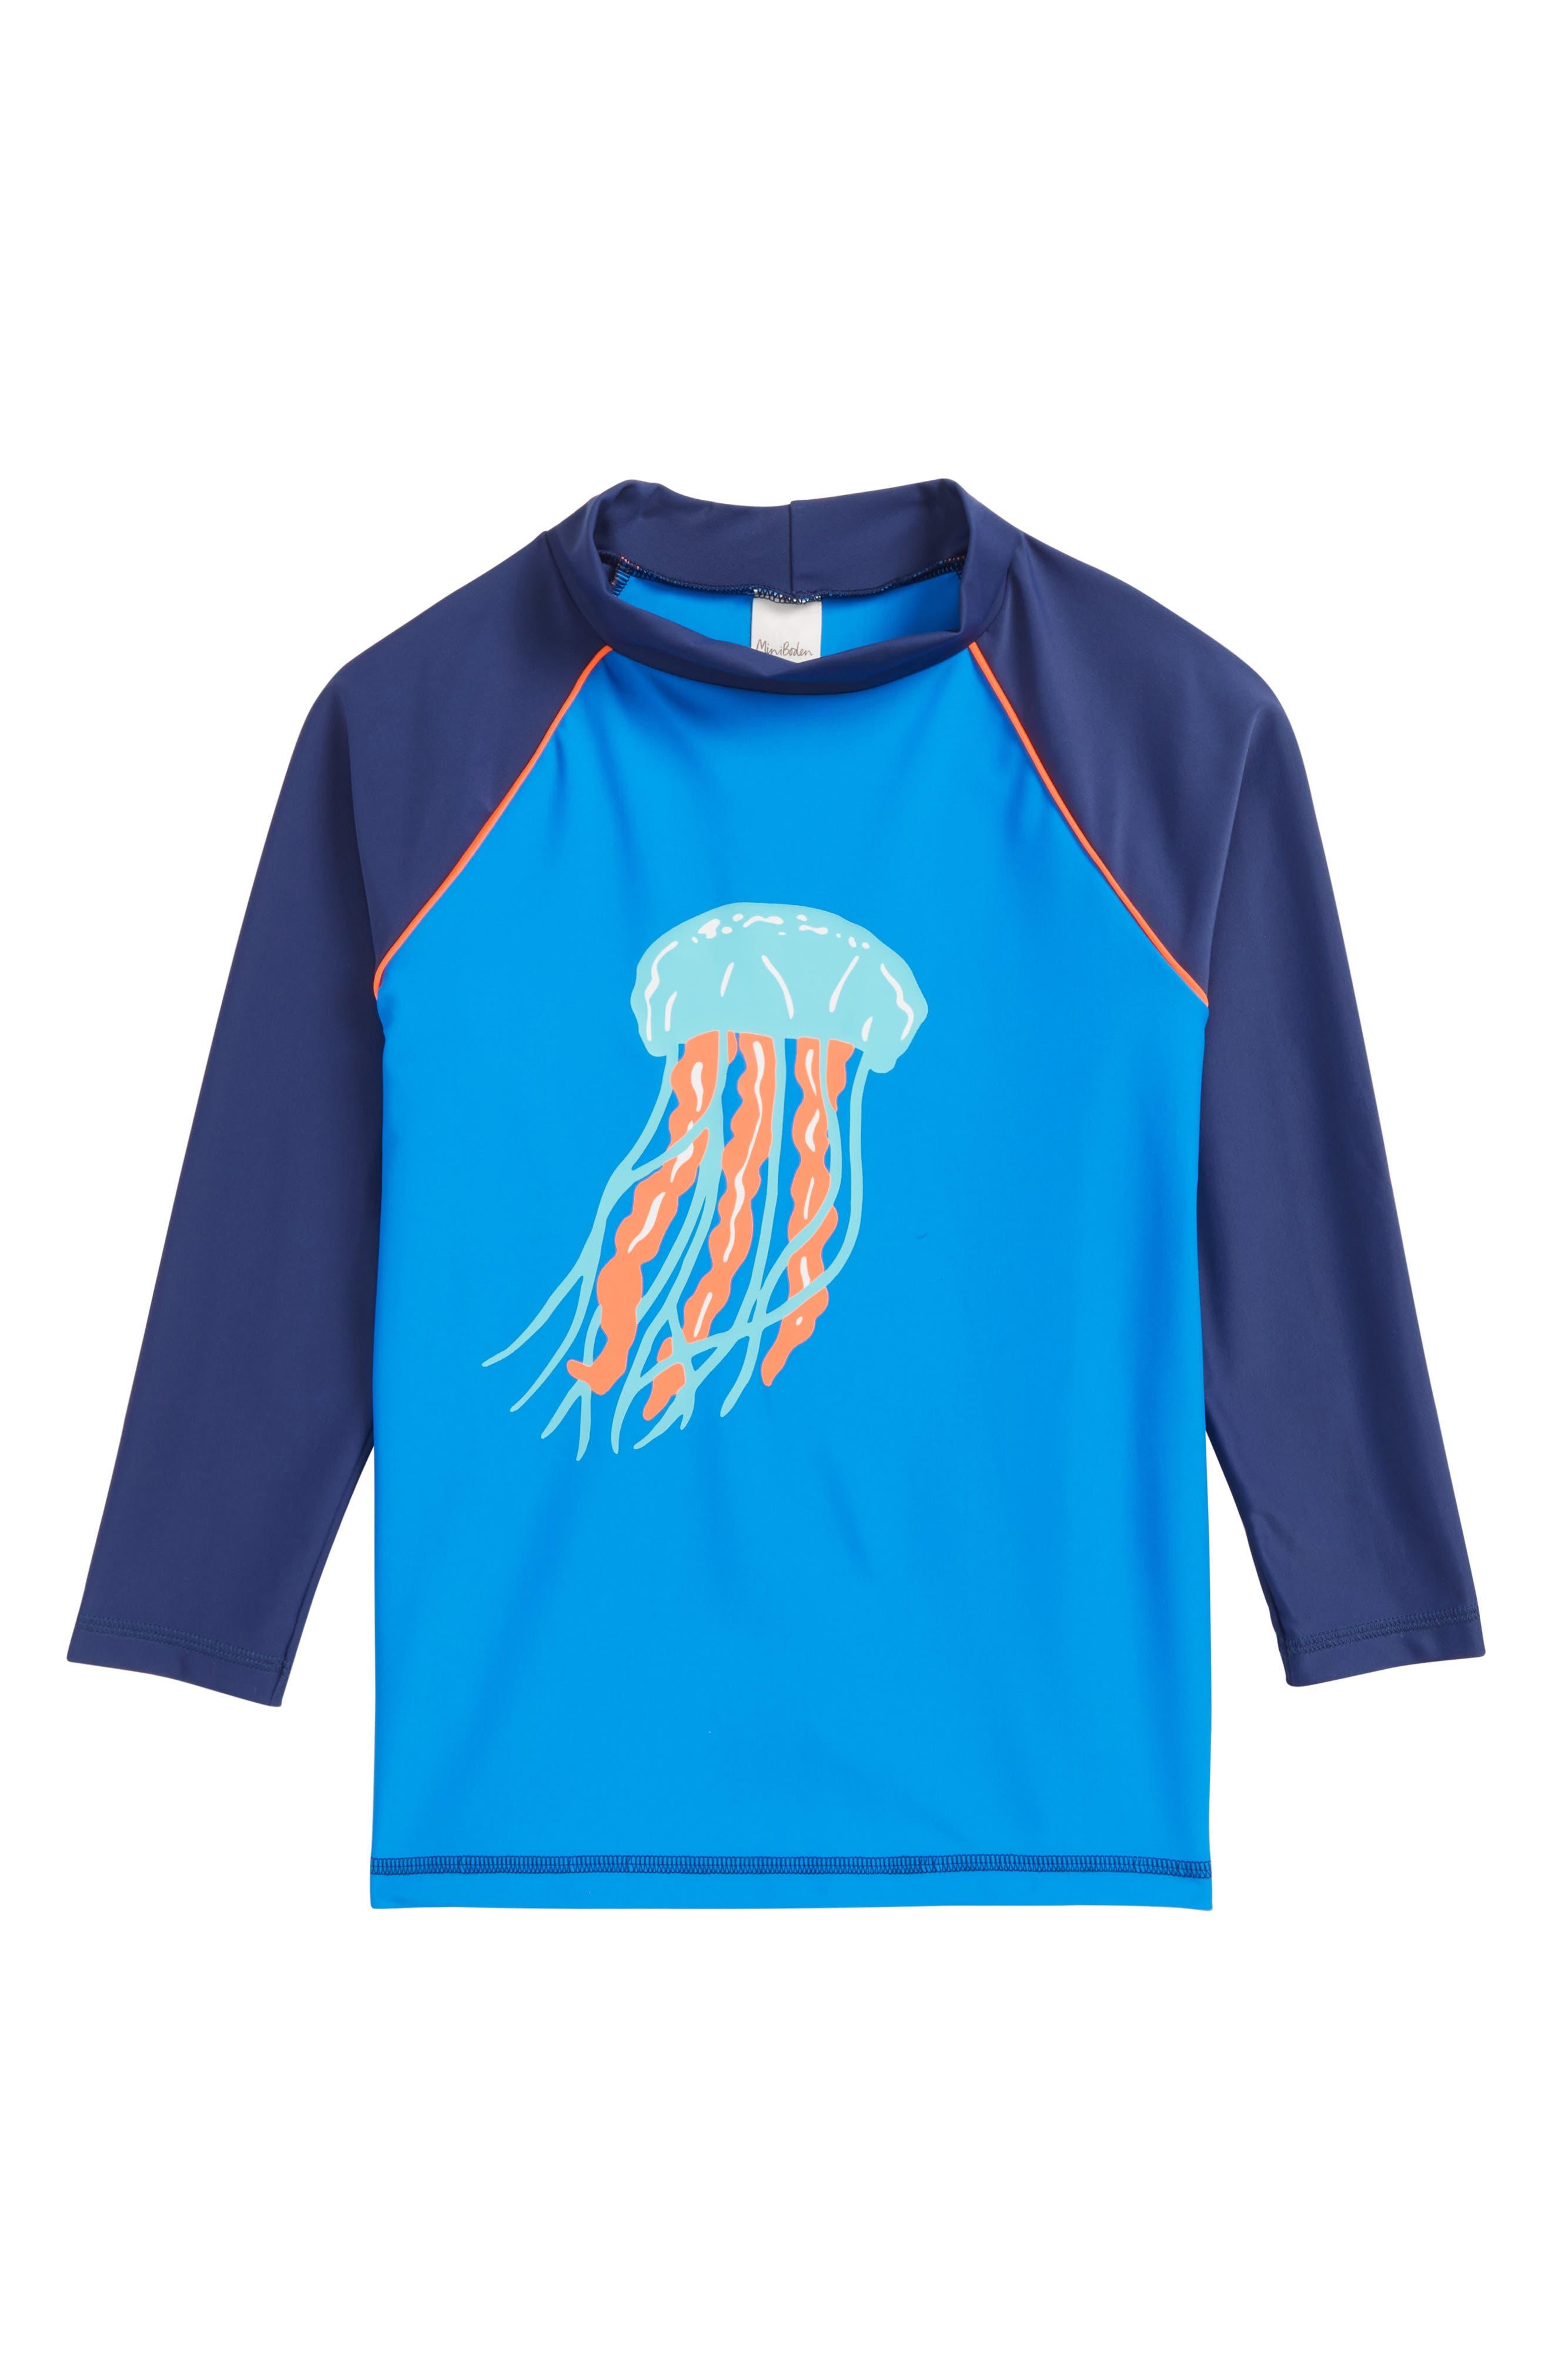 Jellyfish Rashguard,                             Main thumbnail 1, color,                             Pool Blue Jelly Fish